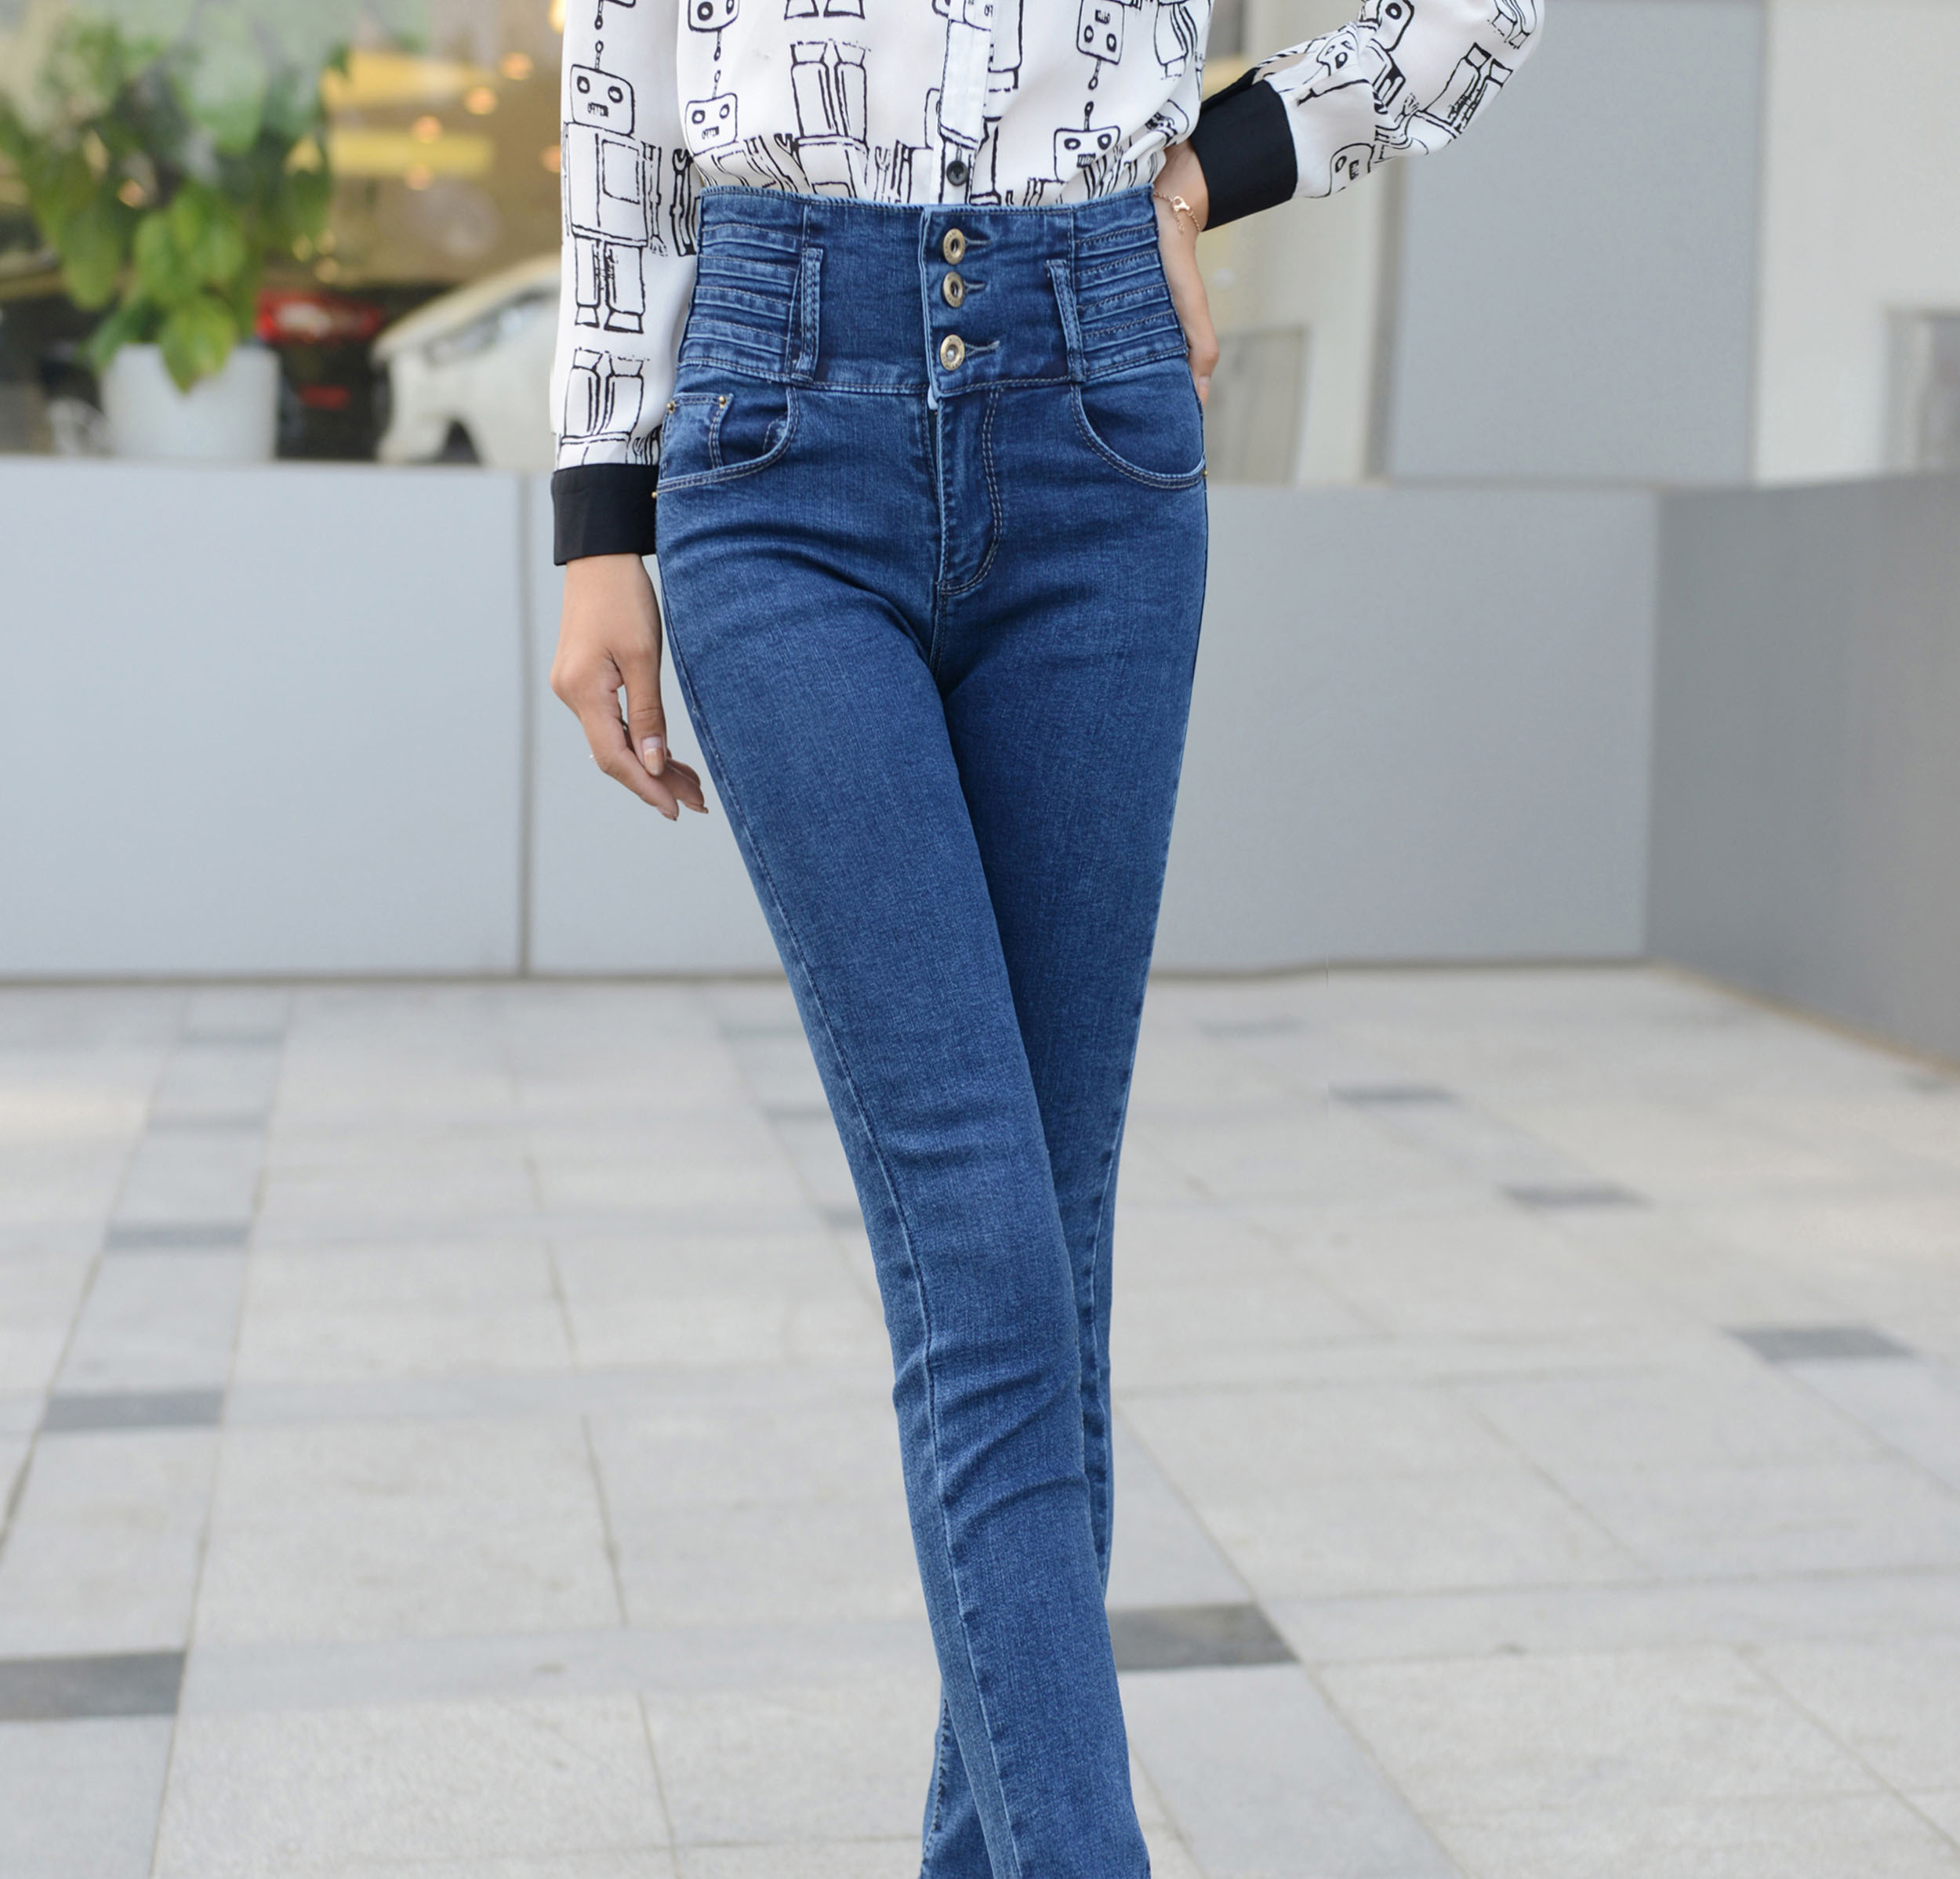 高腰牛仔裤女显瘦 2014秋装新款韩版修身小脚裤蓝色铅笔长裤 潮